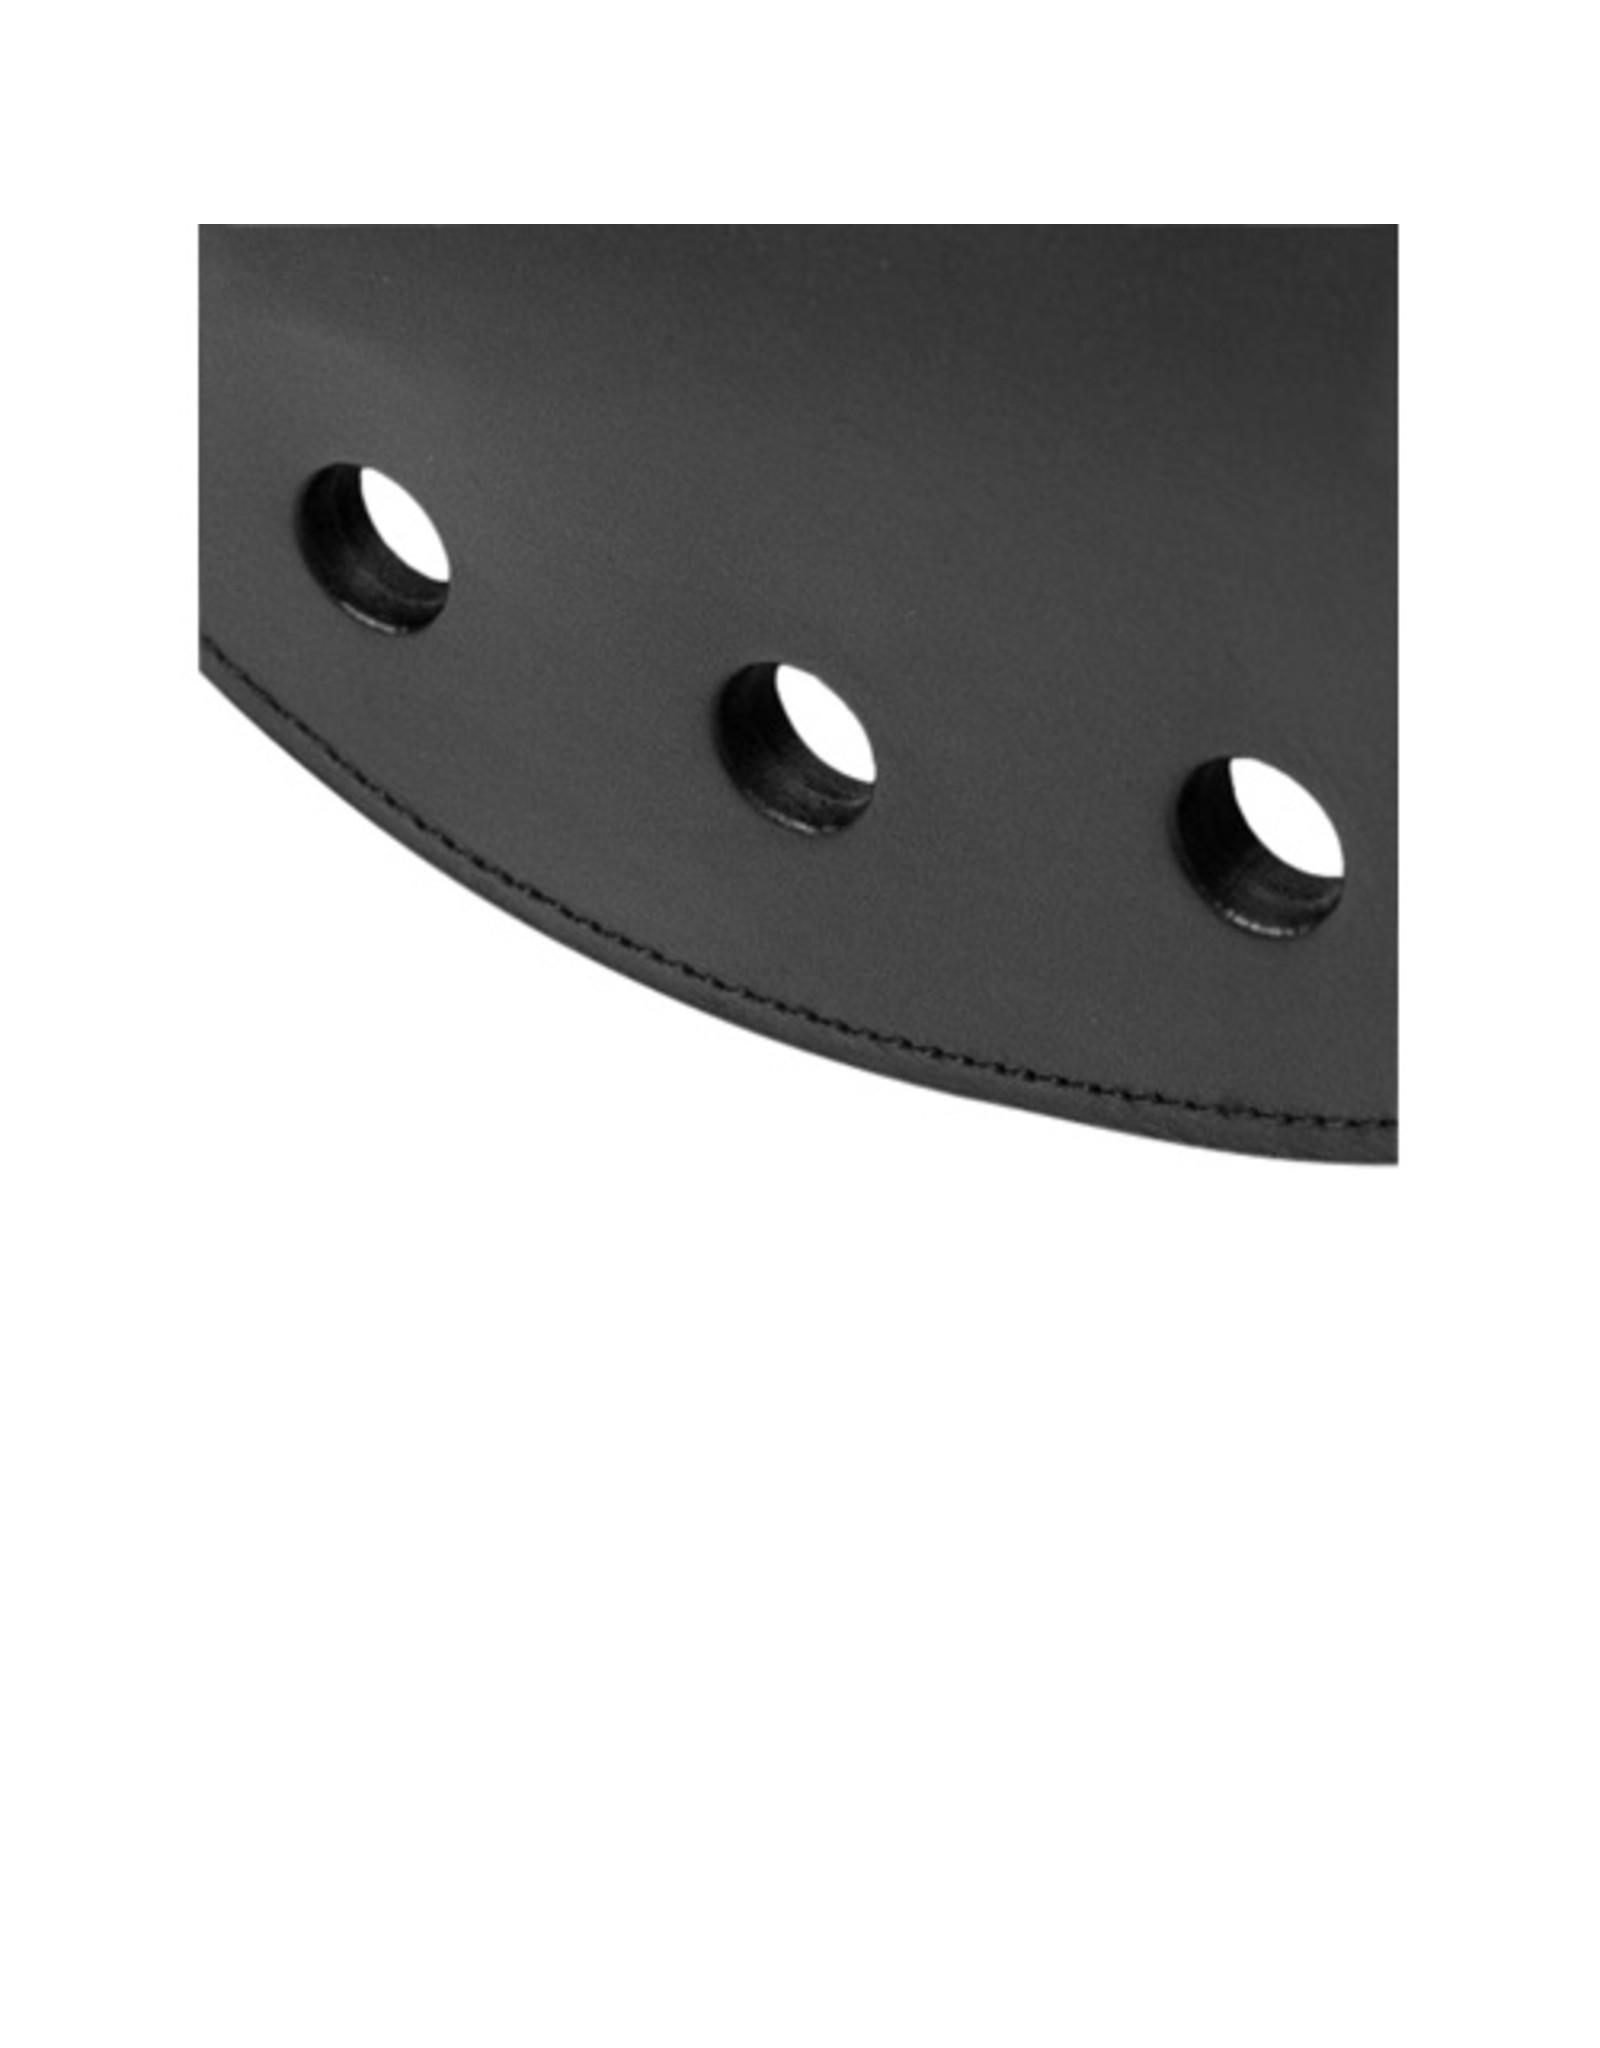 Strict Leather Leren Paddle Met Gaten